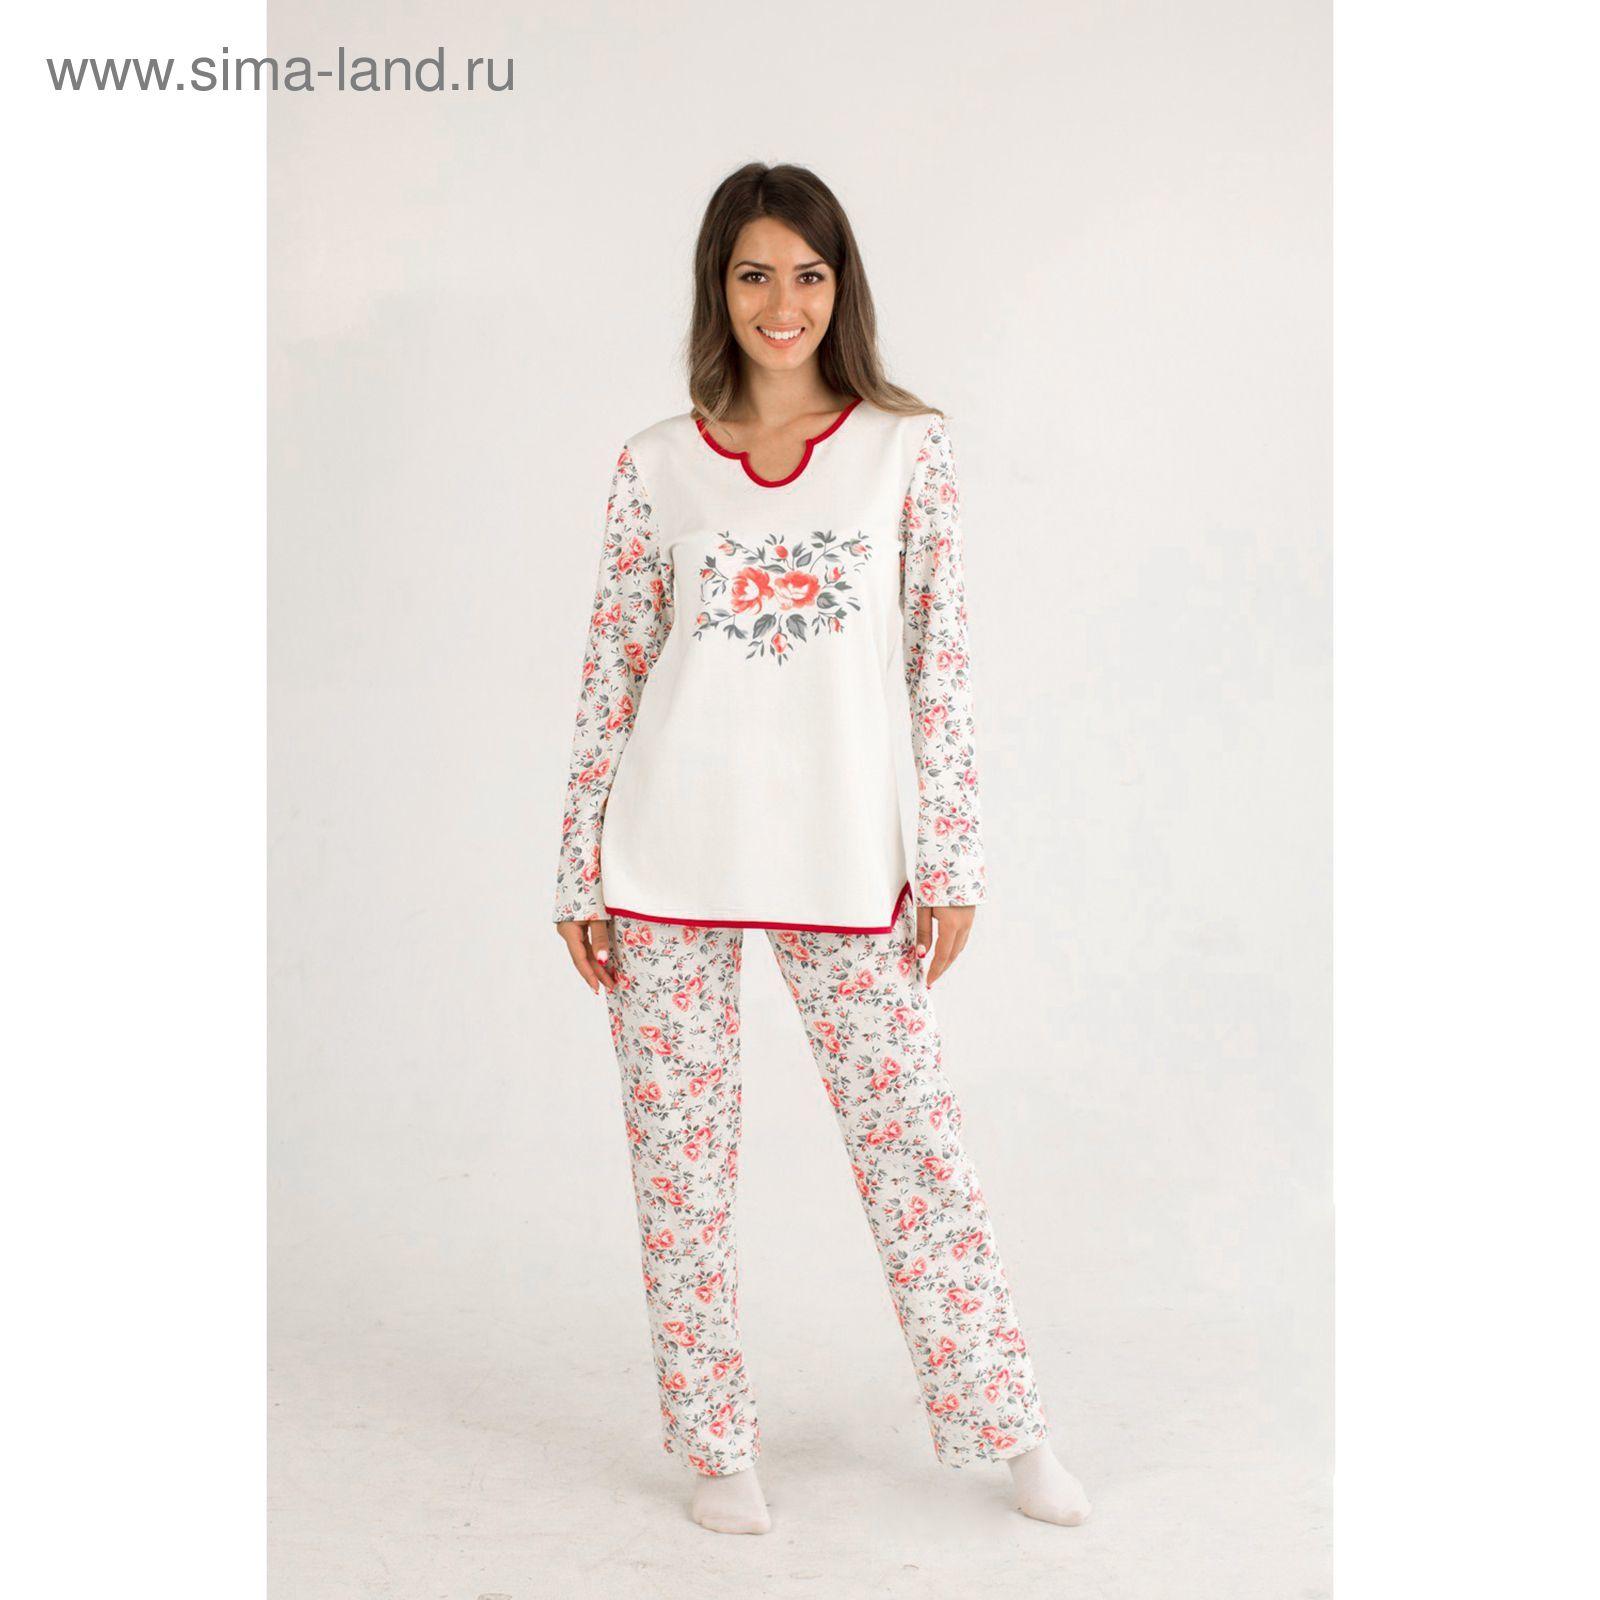 855a776b7471644 Пижама женская (джемпер, брюки)